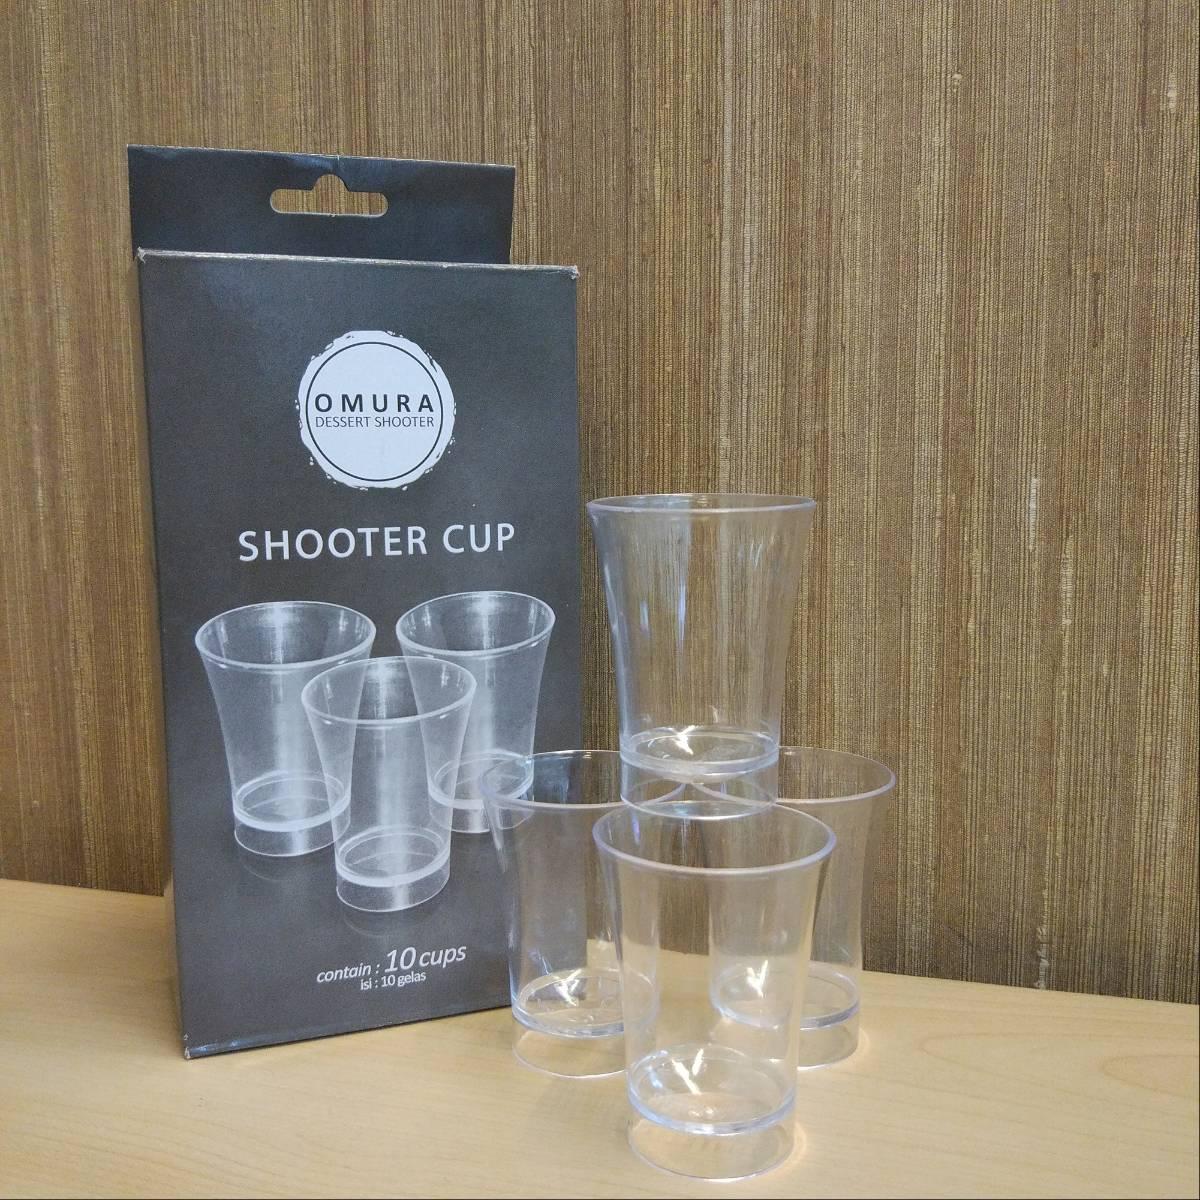 Omura Dessert Shooter - Shooter Cup